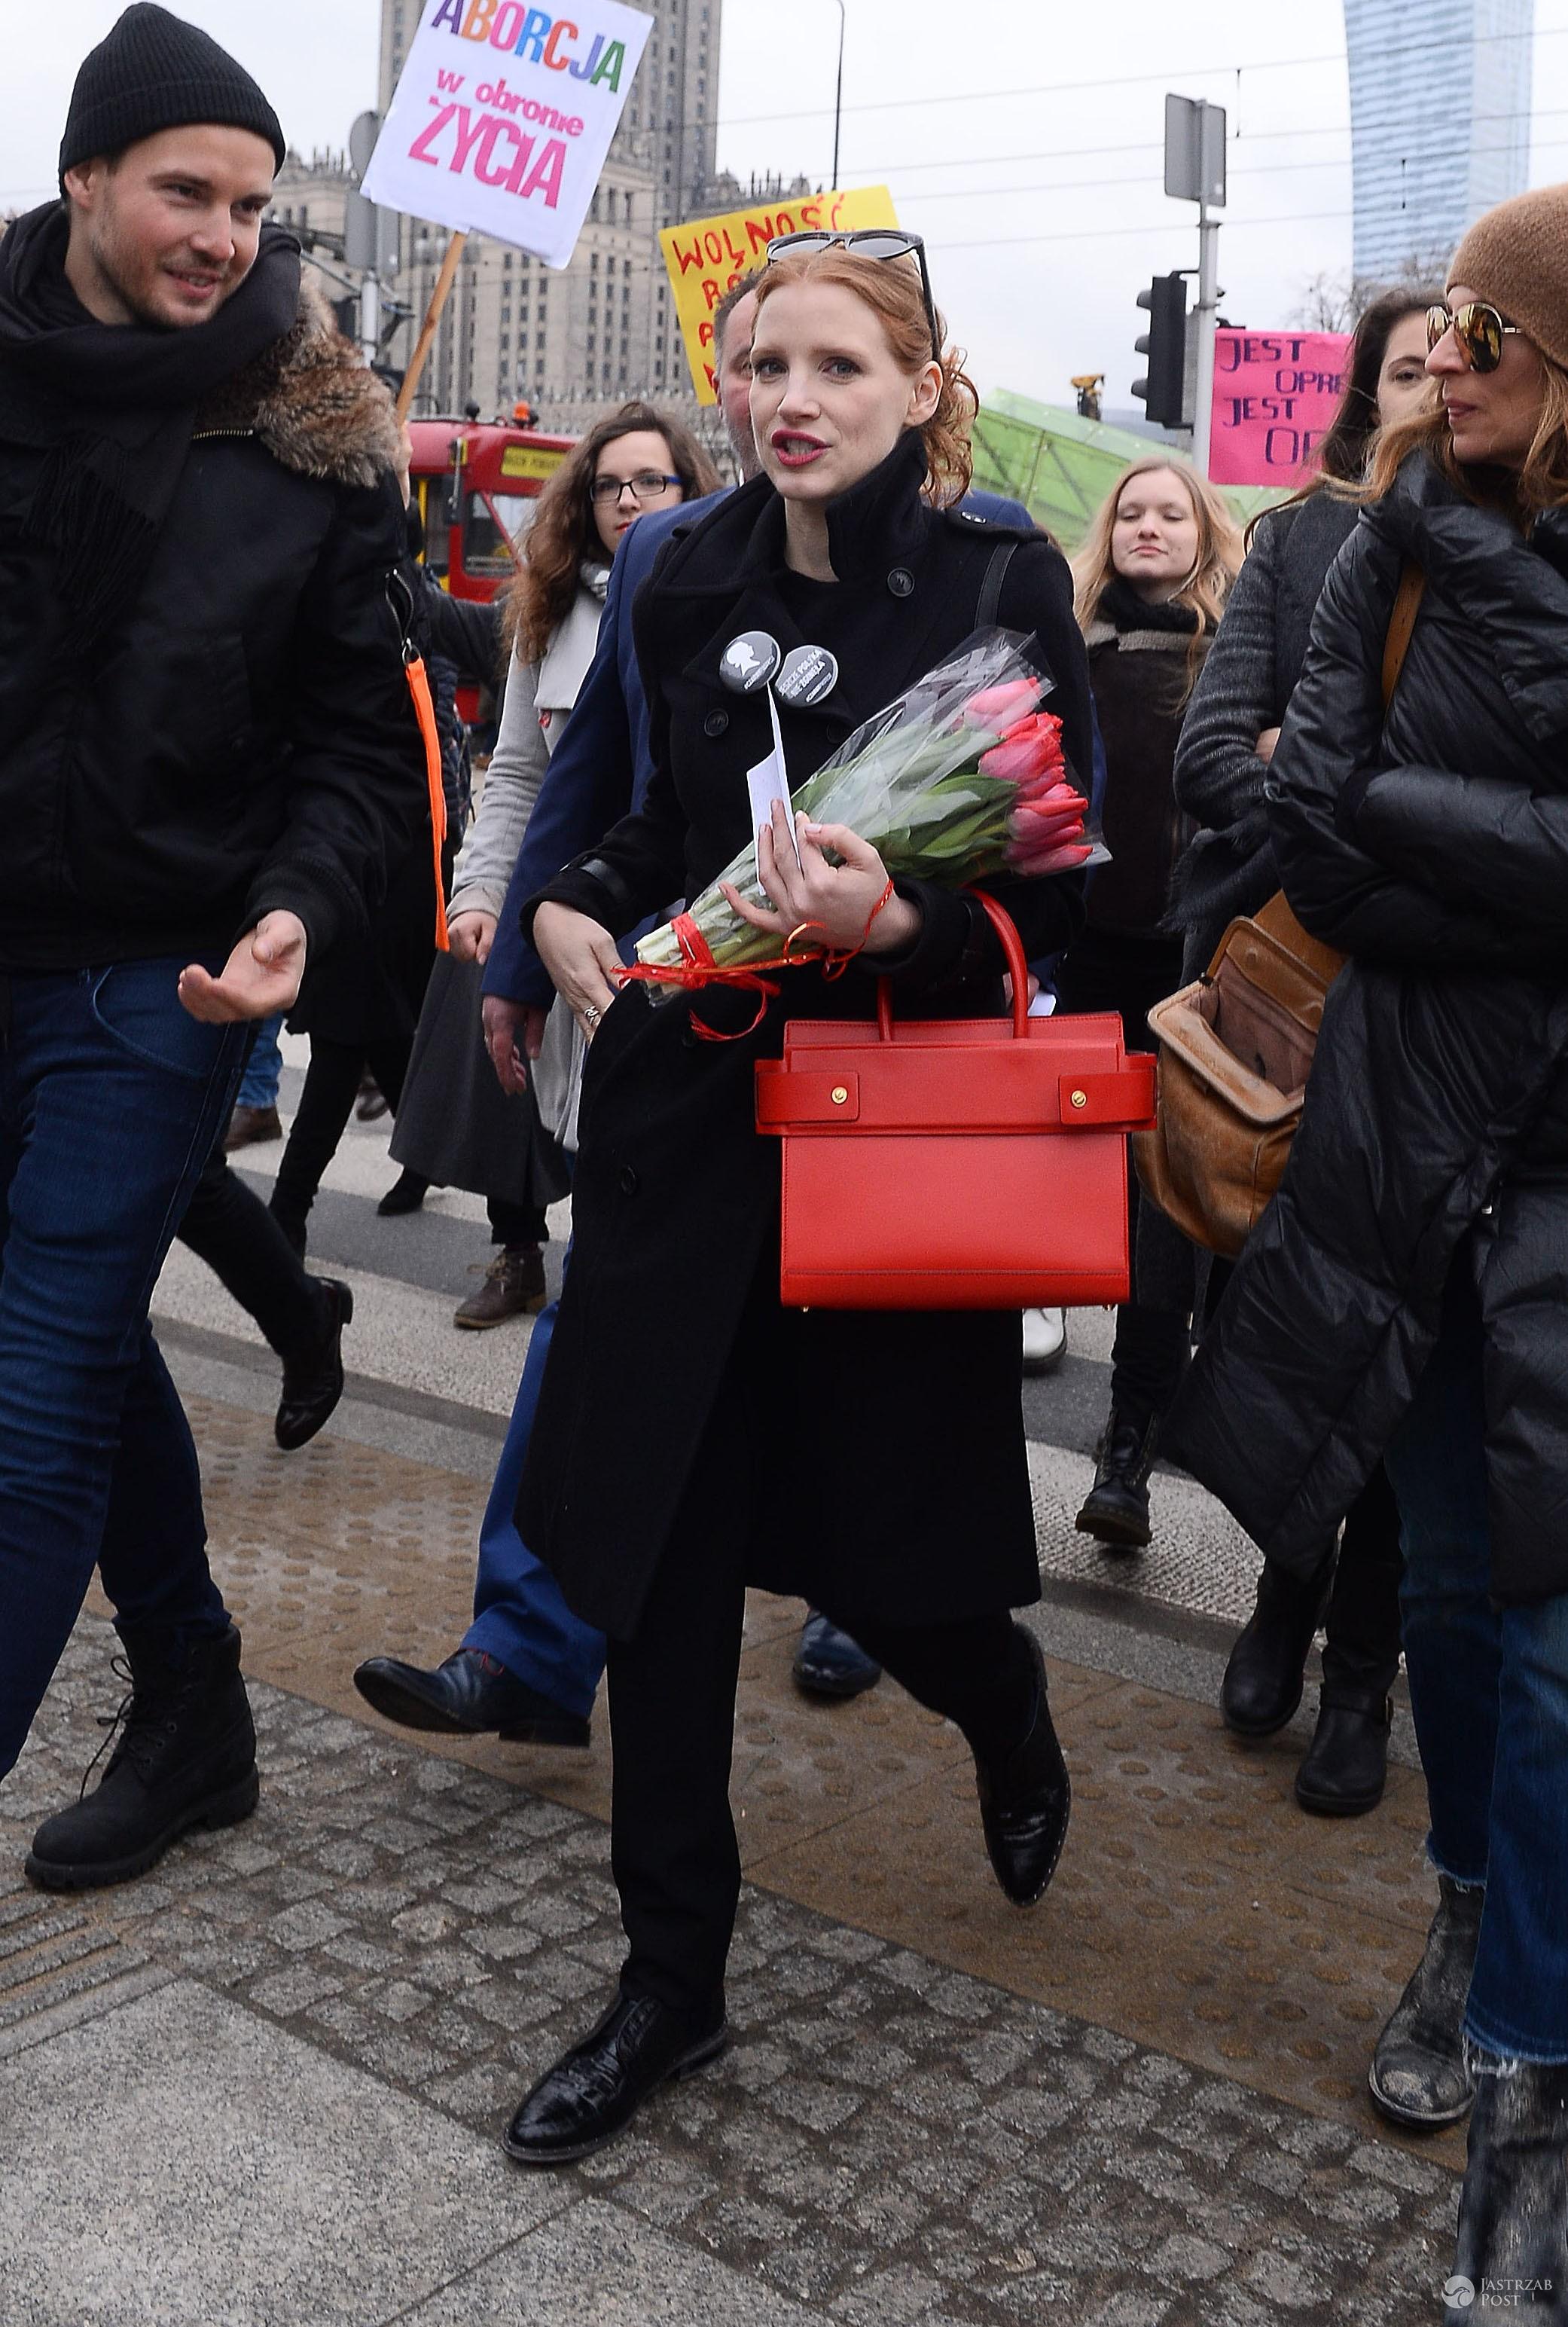 Gwiazdy na strajku w Międzynarodowy Dzień Kobiet! Anja Rubik, Martyna Wojciechowska, Agata Młynarska [GALERIA + WIDEO] - Jessica Chastain – Międzynarodowy Strajk Kobiet 2017